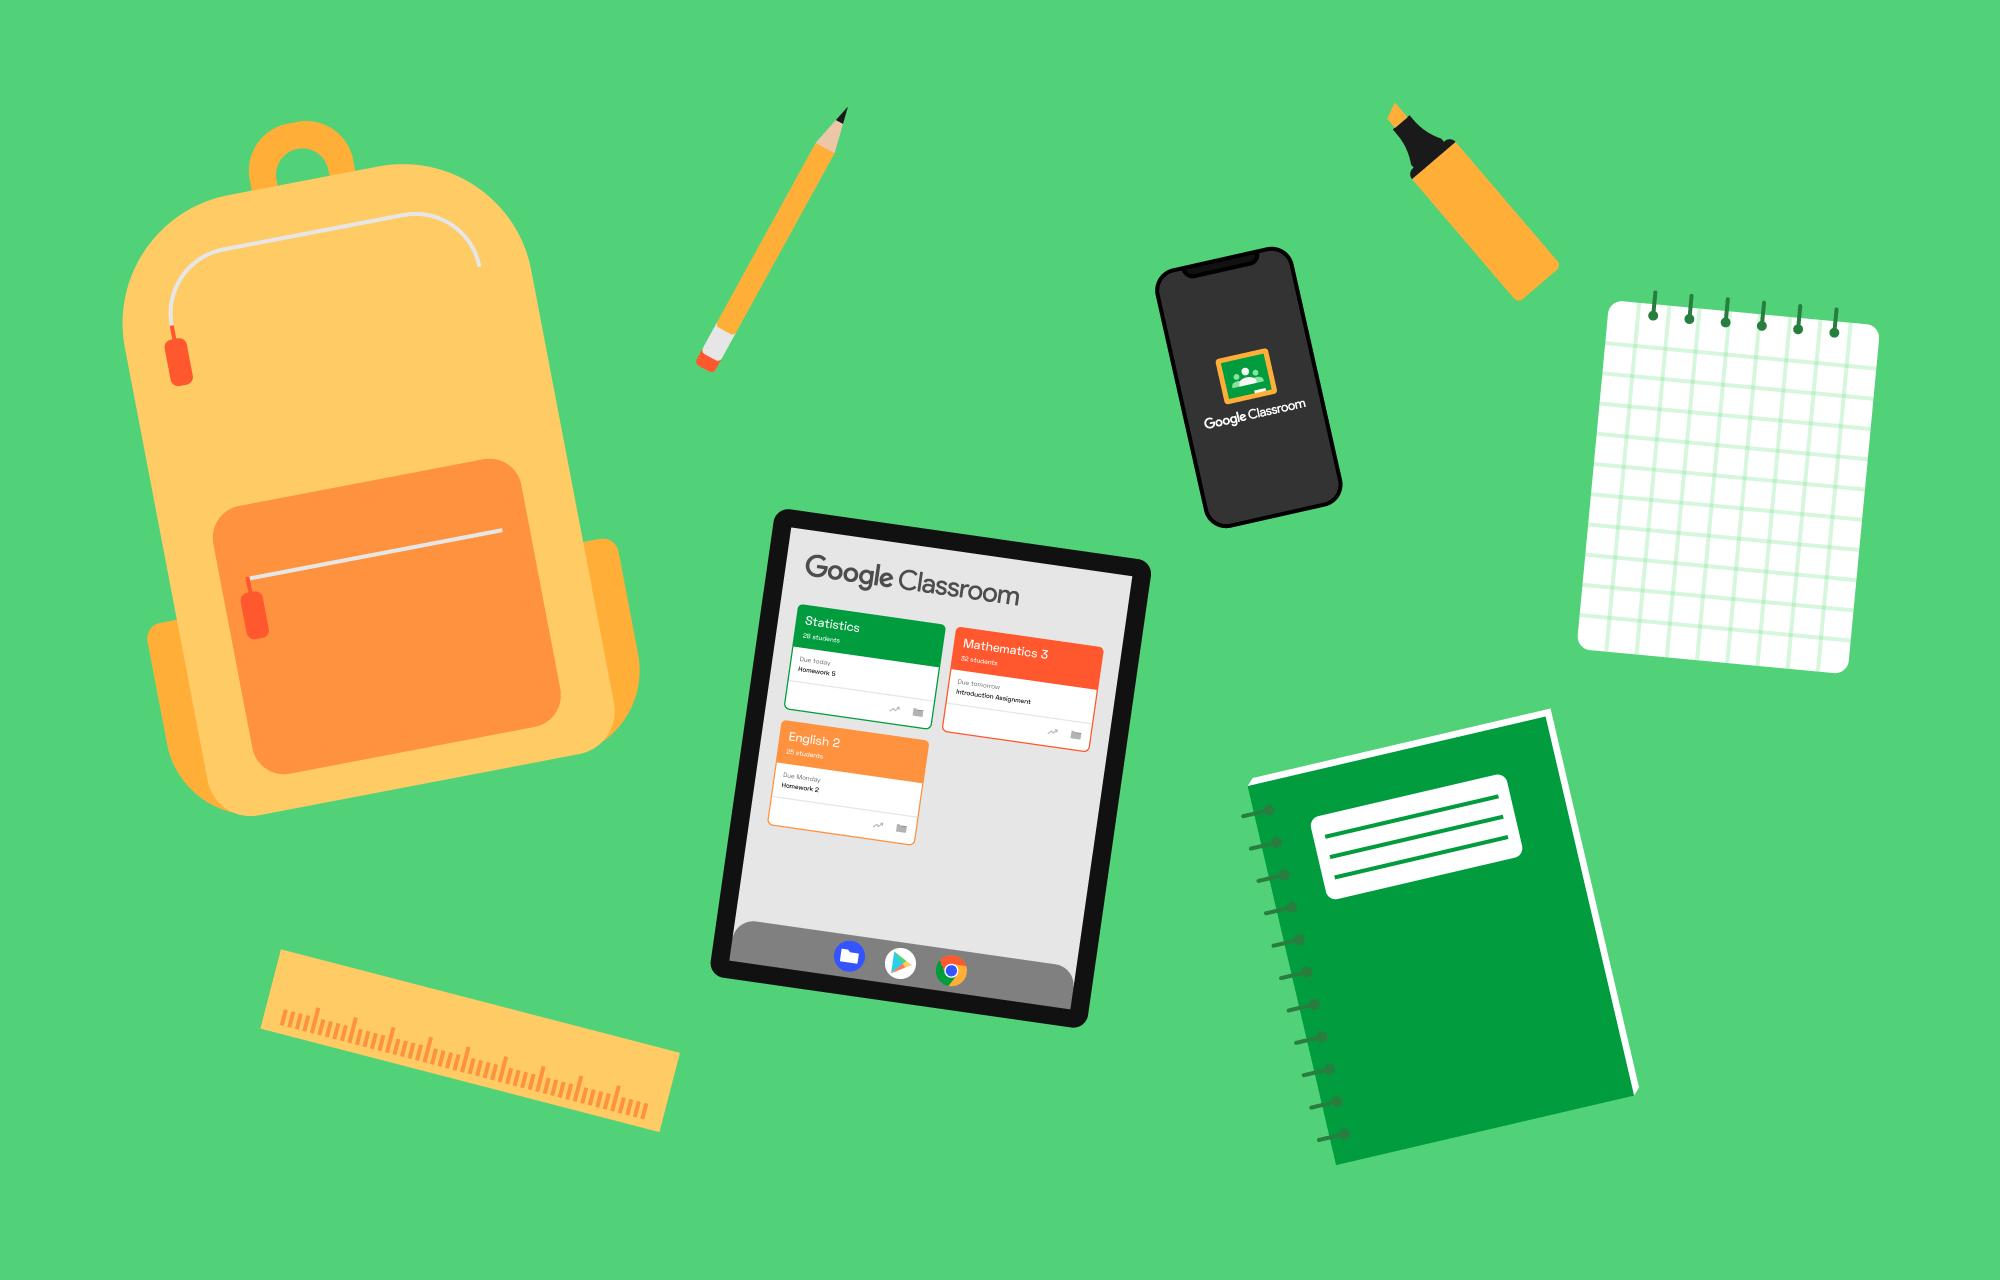 Skolesaker og Google Classroom på et nettbrett og en telefon.